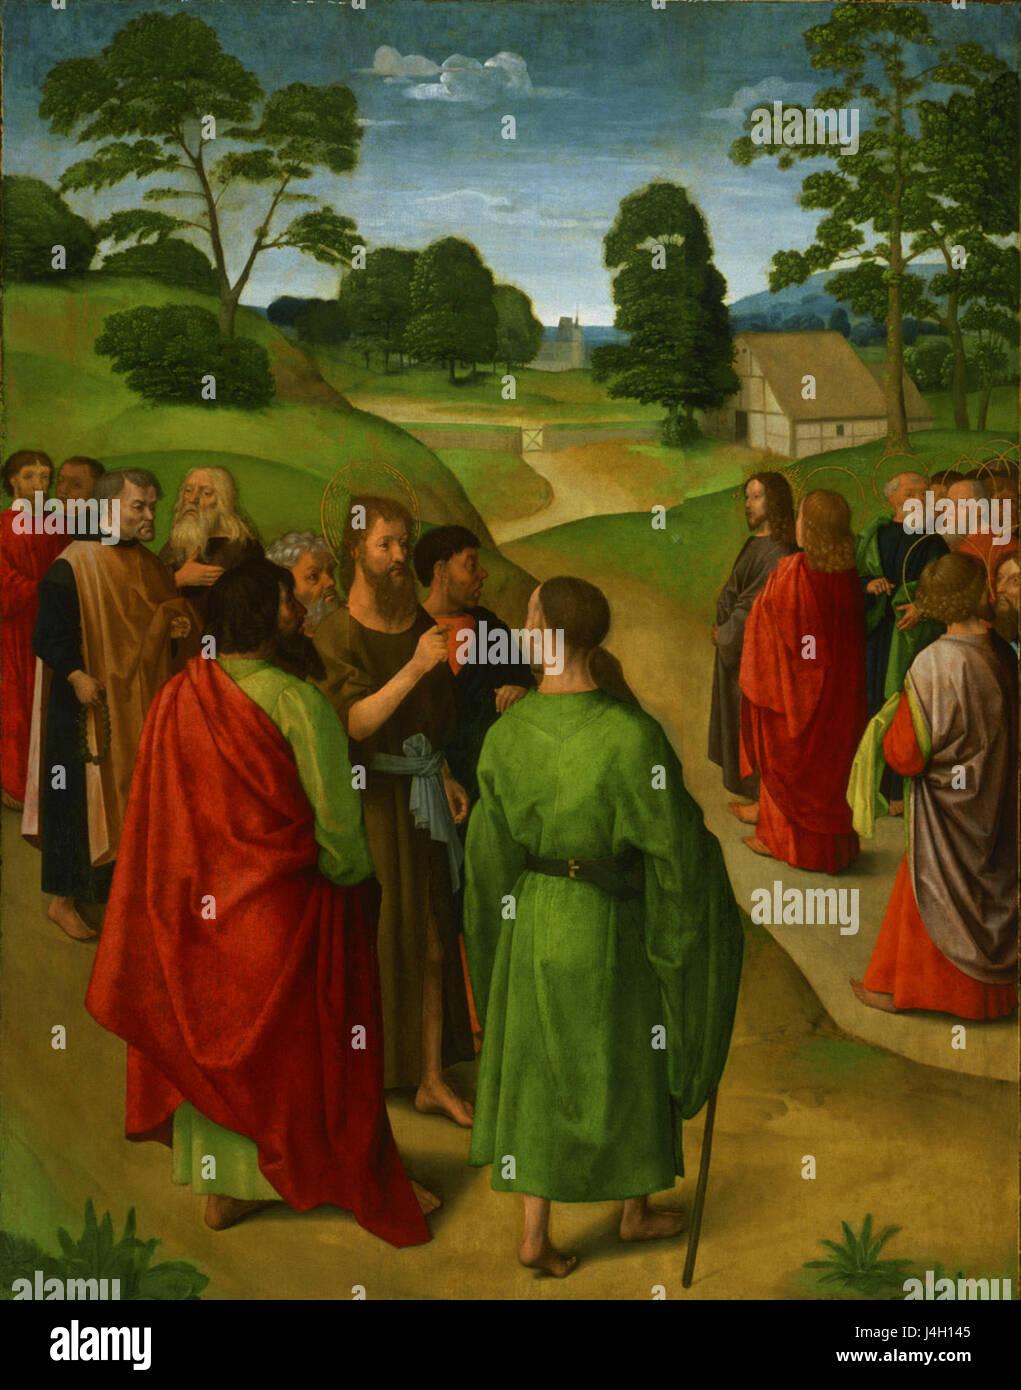 Atemberaubend Lamm Gottes Färbung Seite Ideen - Beispiel ...